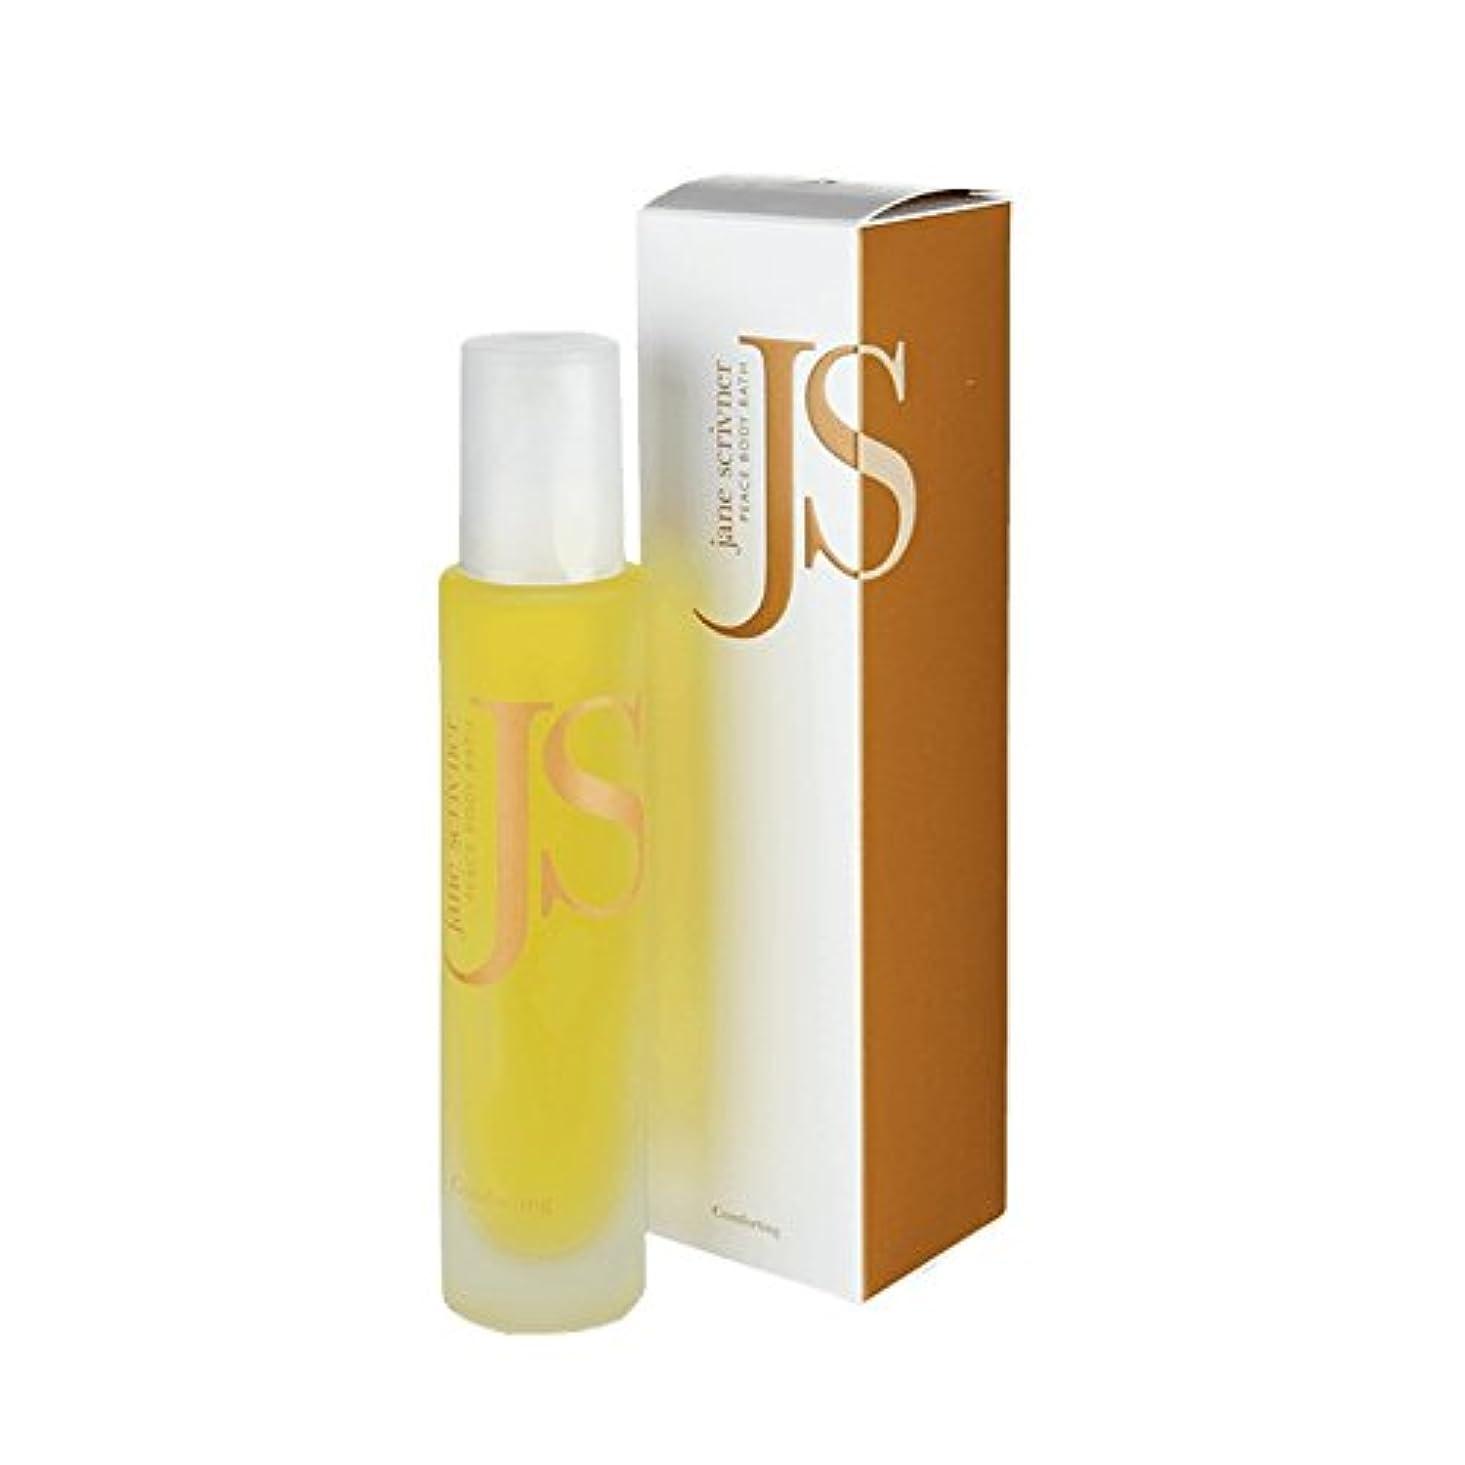 科学図書館デコラティブJane Scrivner Body Bath Oil Peace 100ml (Pack of 2) - ジェーンScrivnerボディバスオイル平和100ミリリットル (x2) [並行輸入品]